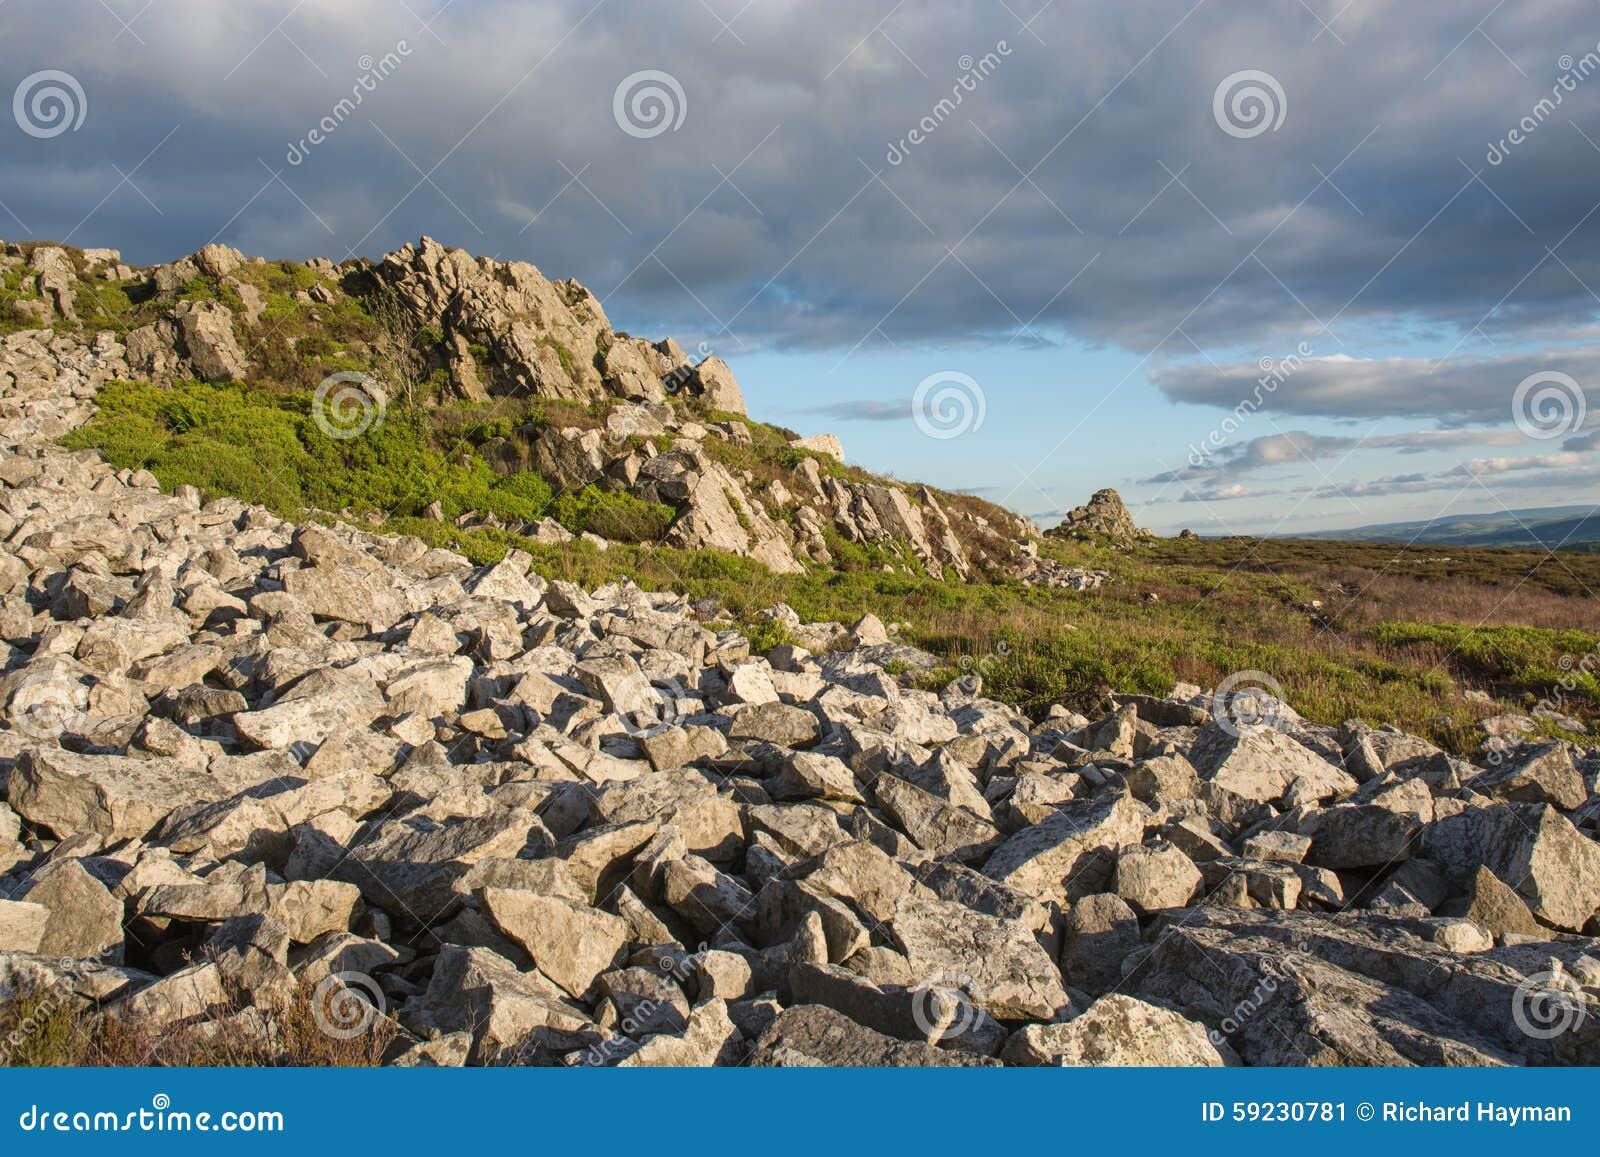 Paramera rocosa en una tarde del verano tardío